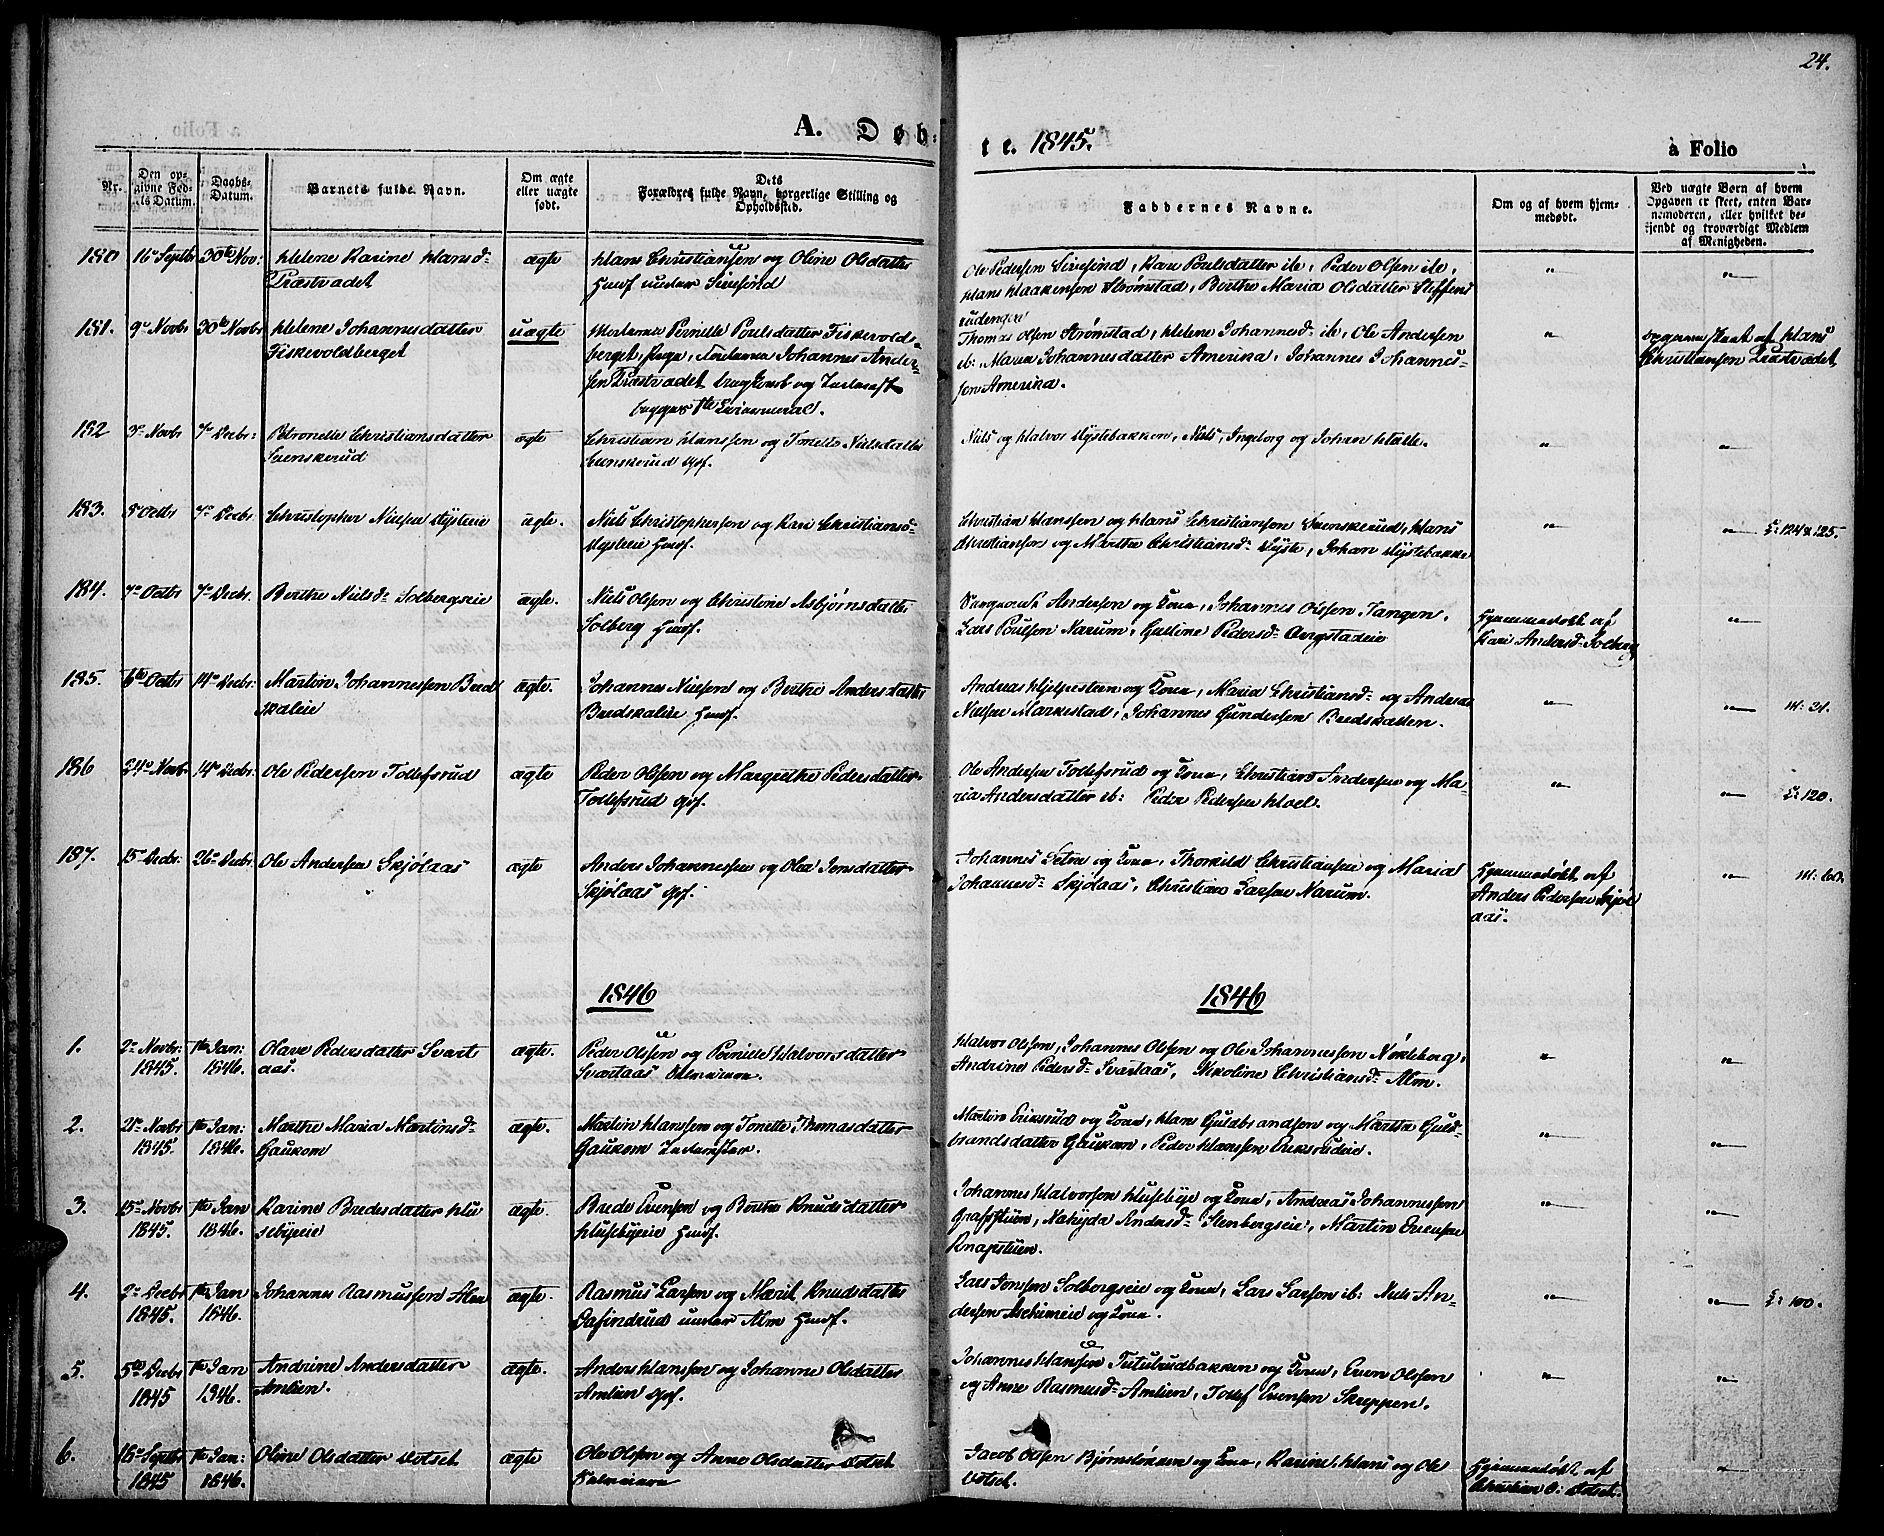 SAH, Vestre Toten prestekontor, Ministerialbok nr. 4, 1844-1849, s. 24